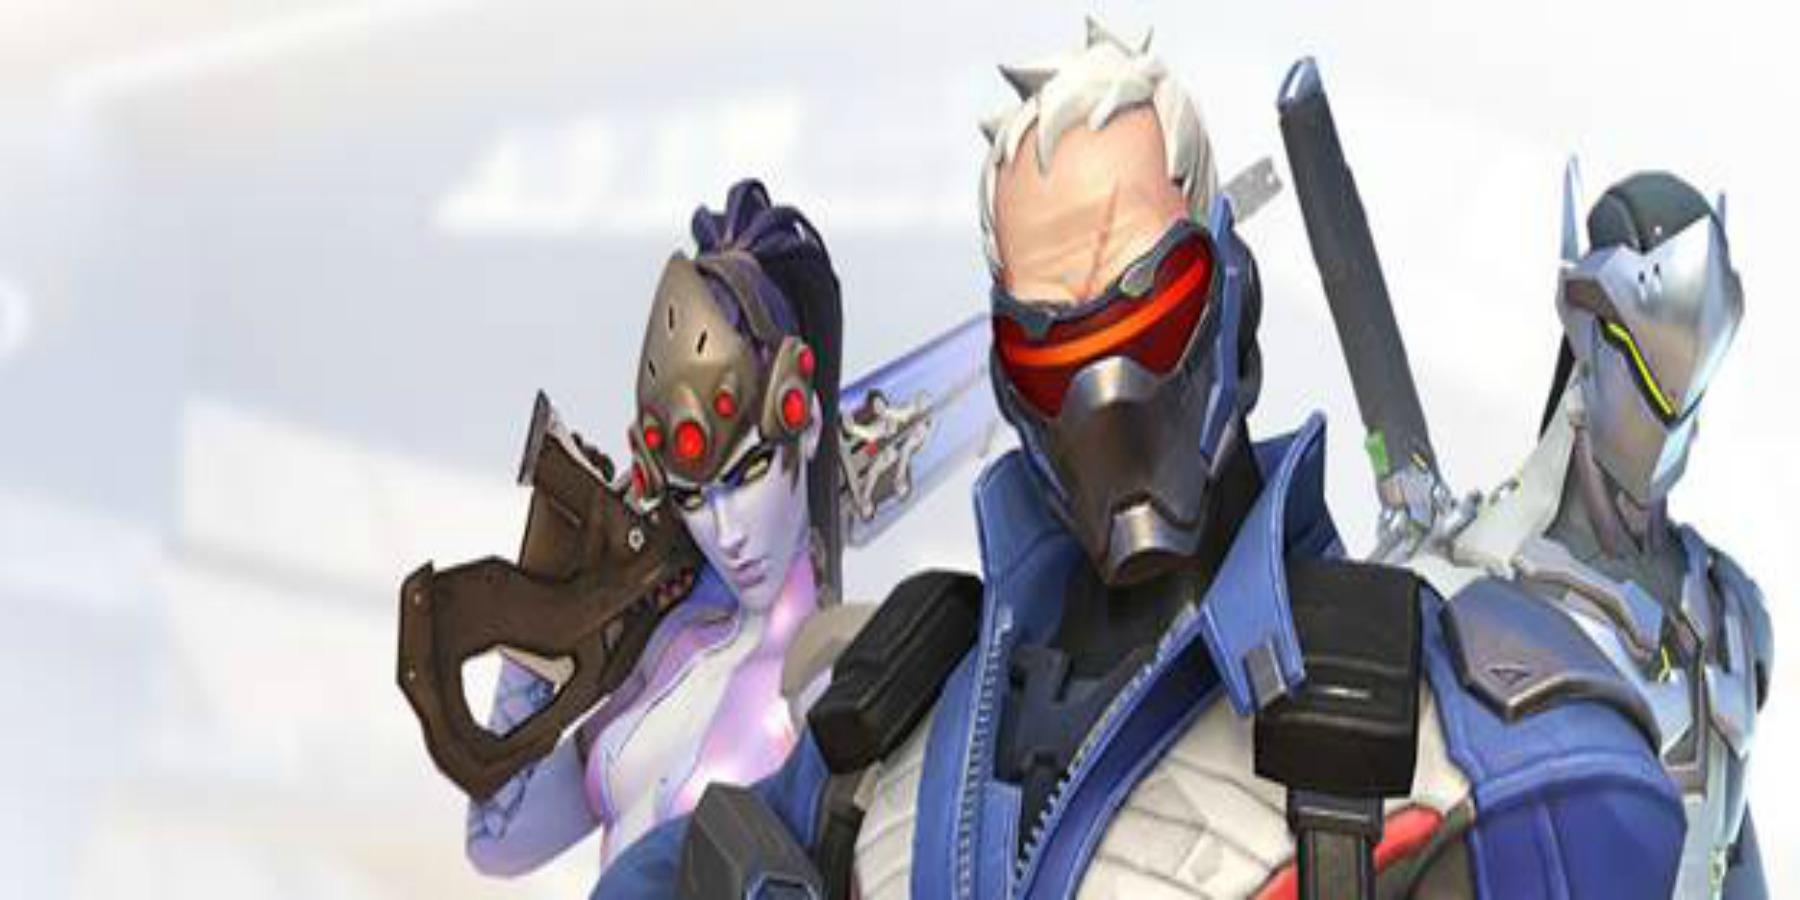 Juega Overwatch gratis del 9 al 12 de septiembre en PS4 y Xbox One